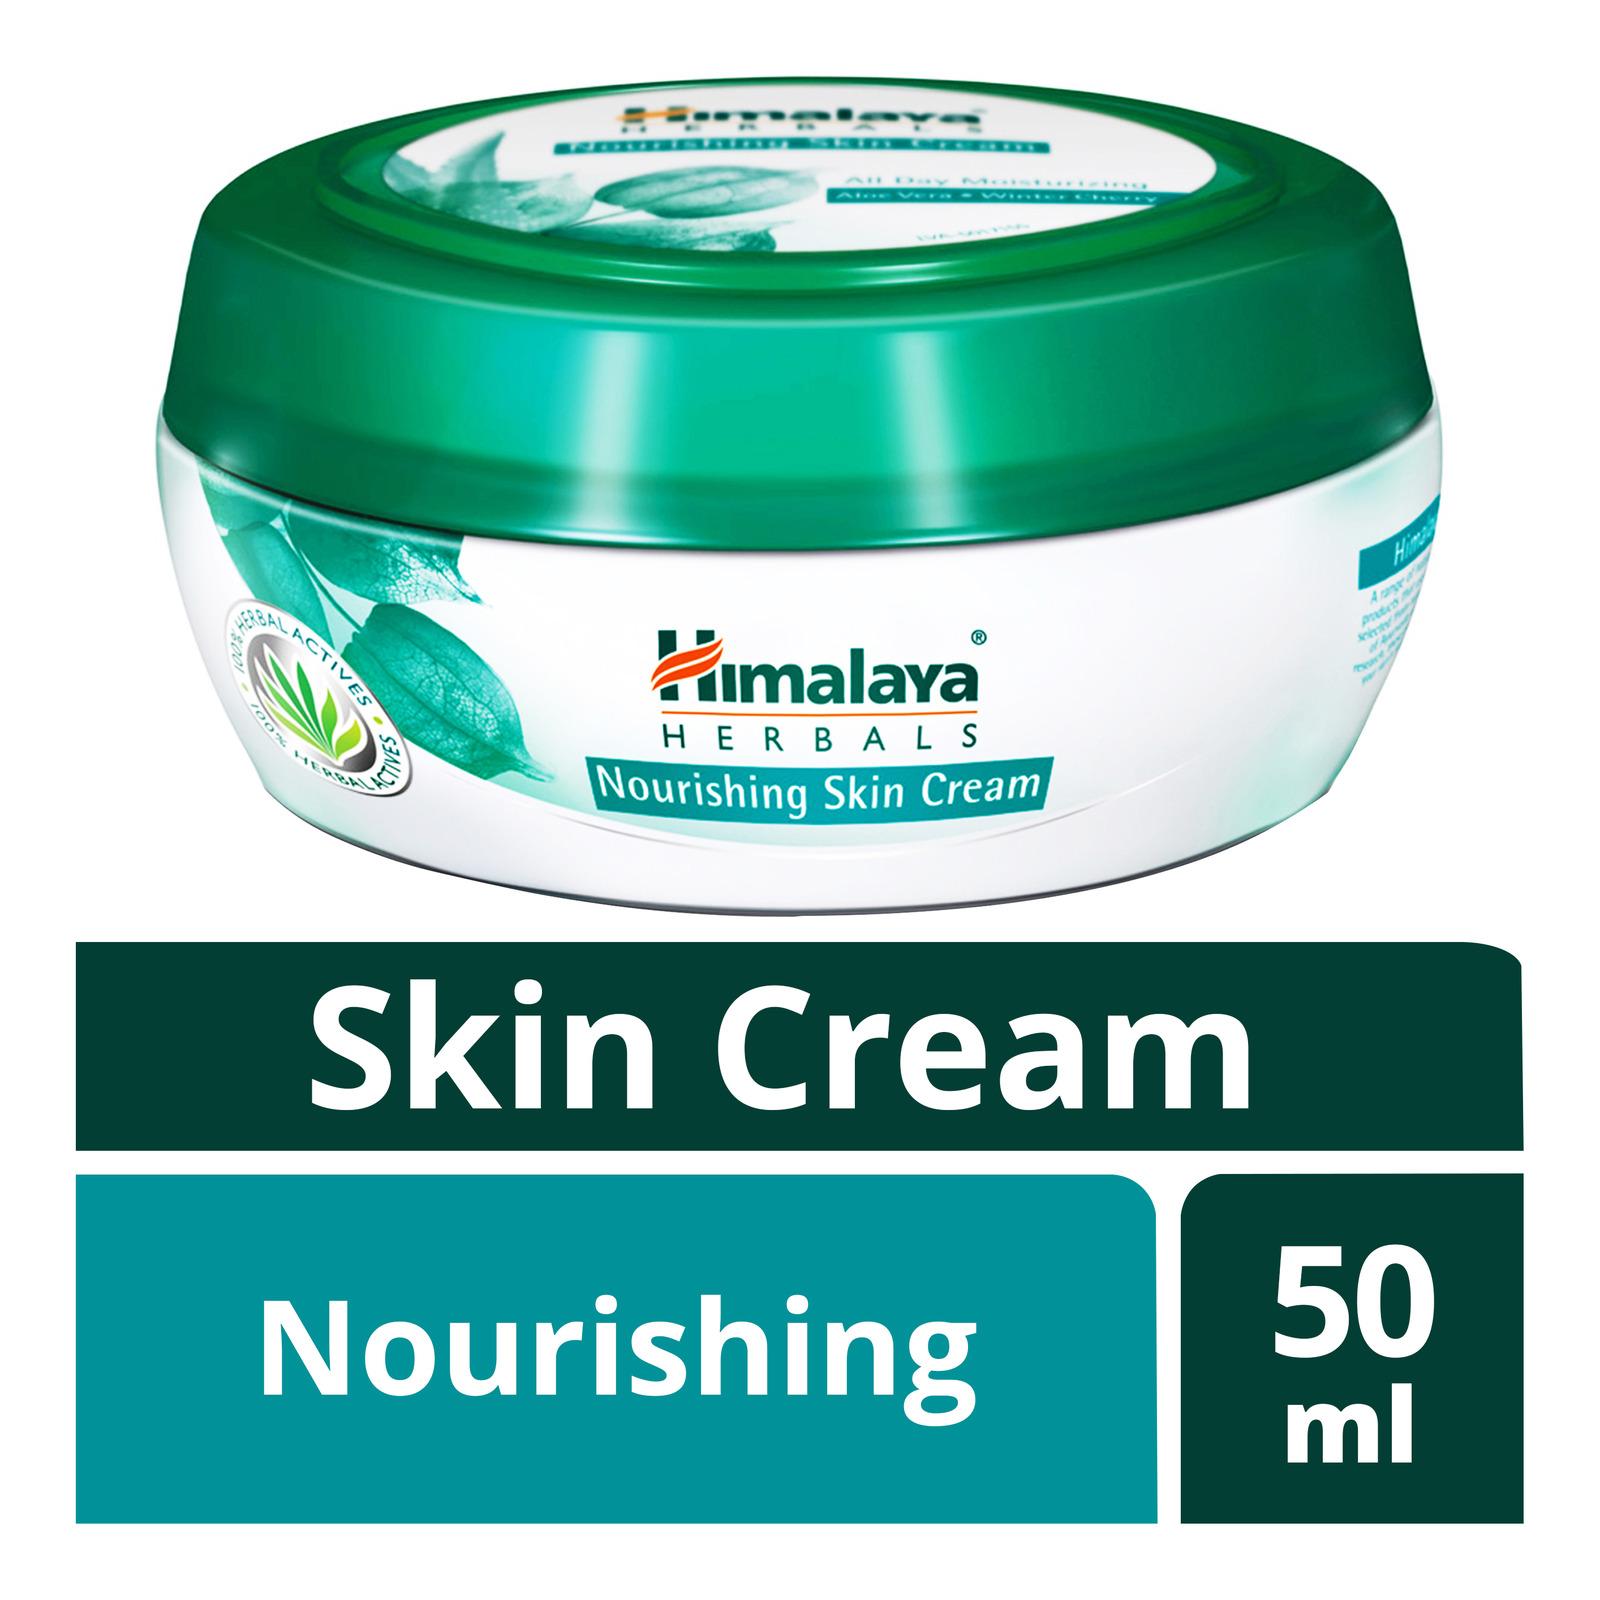 Himalaya Herbals Skin Cream - Nourishing